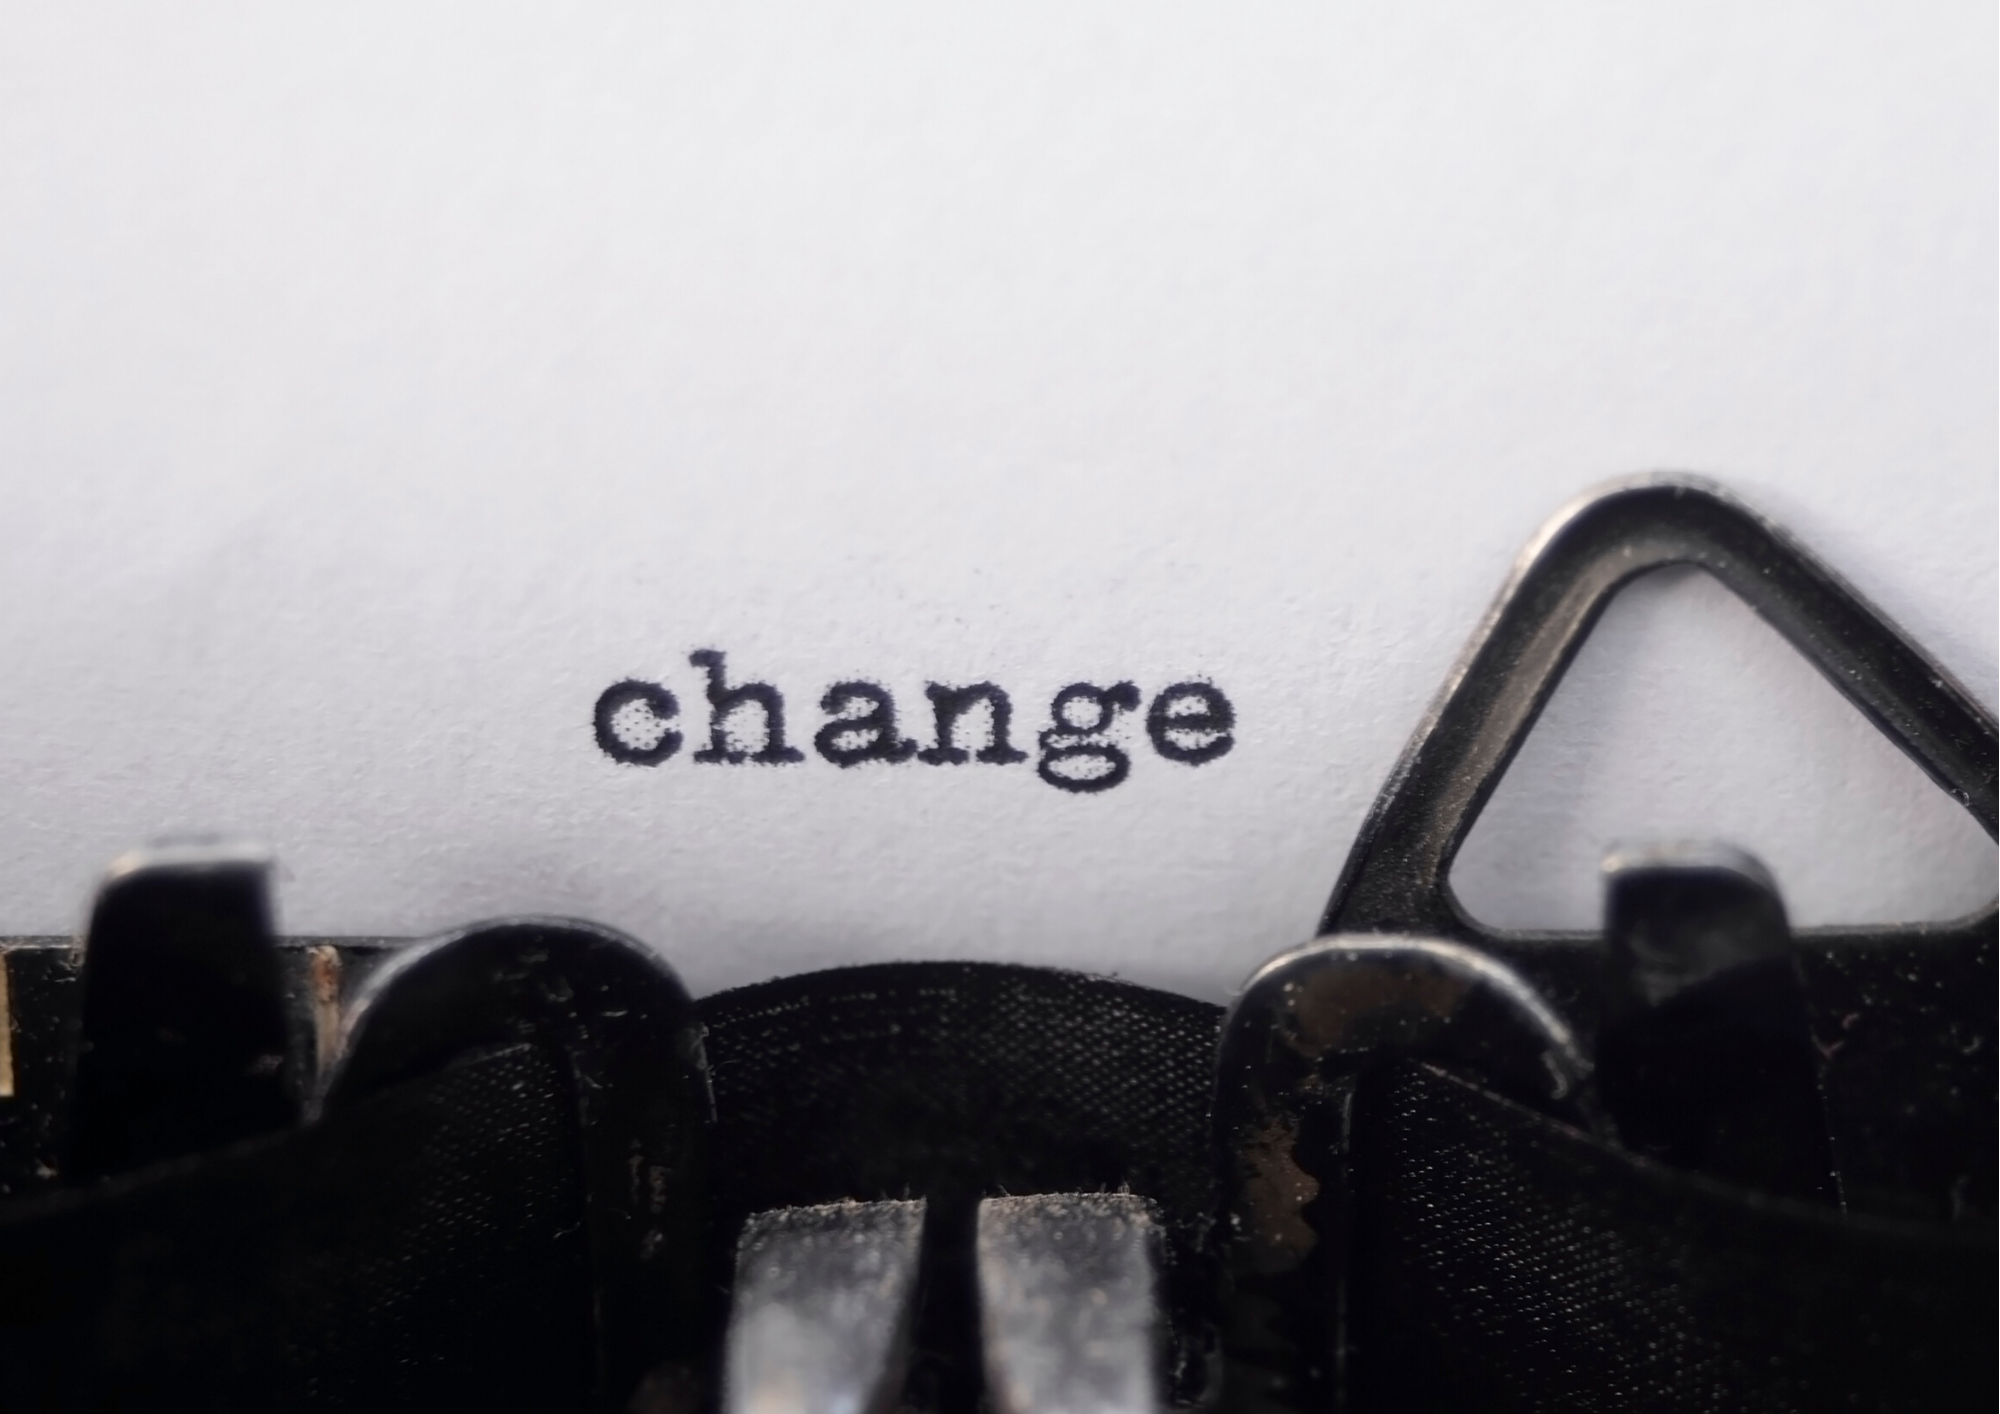 Sådan leder du dine medarbejdere gennem forandringer